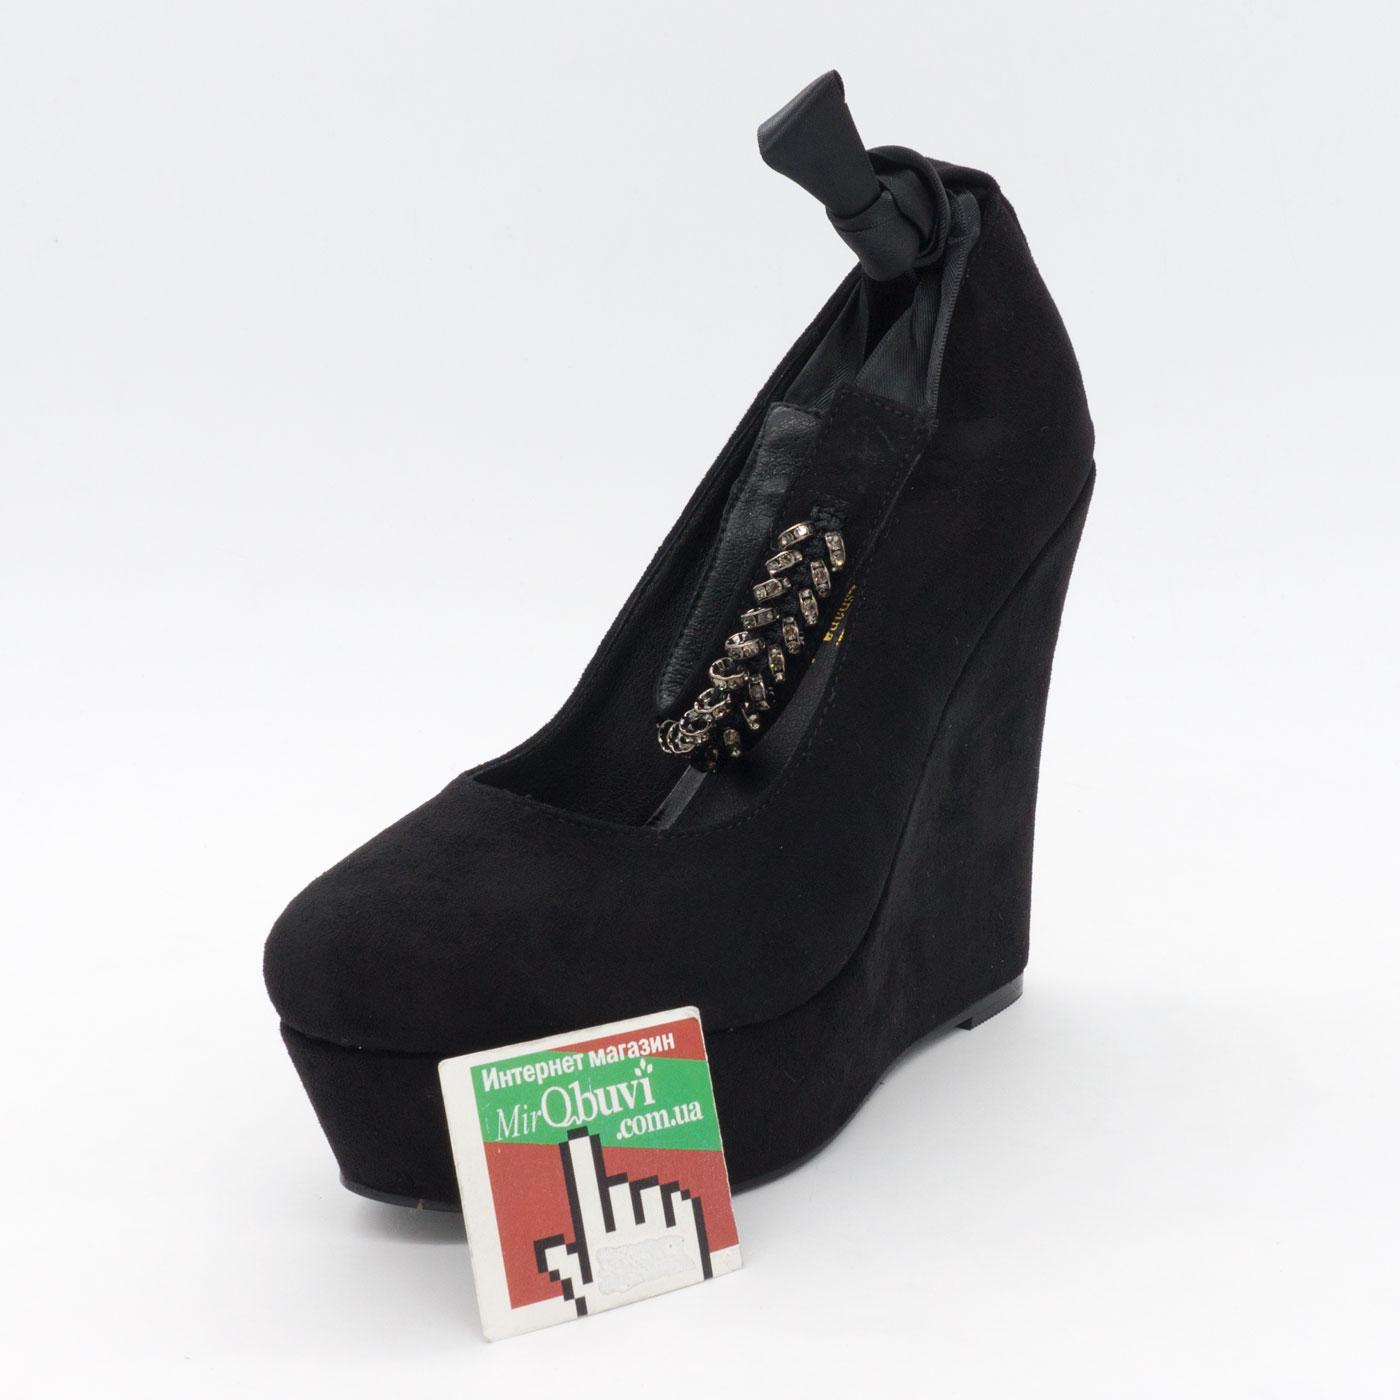 фото front Женские туфли LIICI 2098-X8141 черные на платформе  front